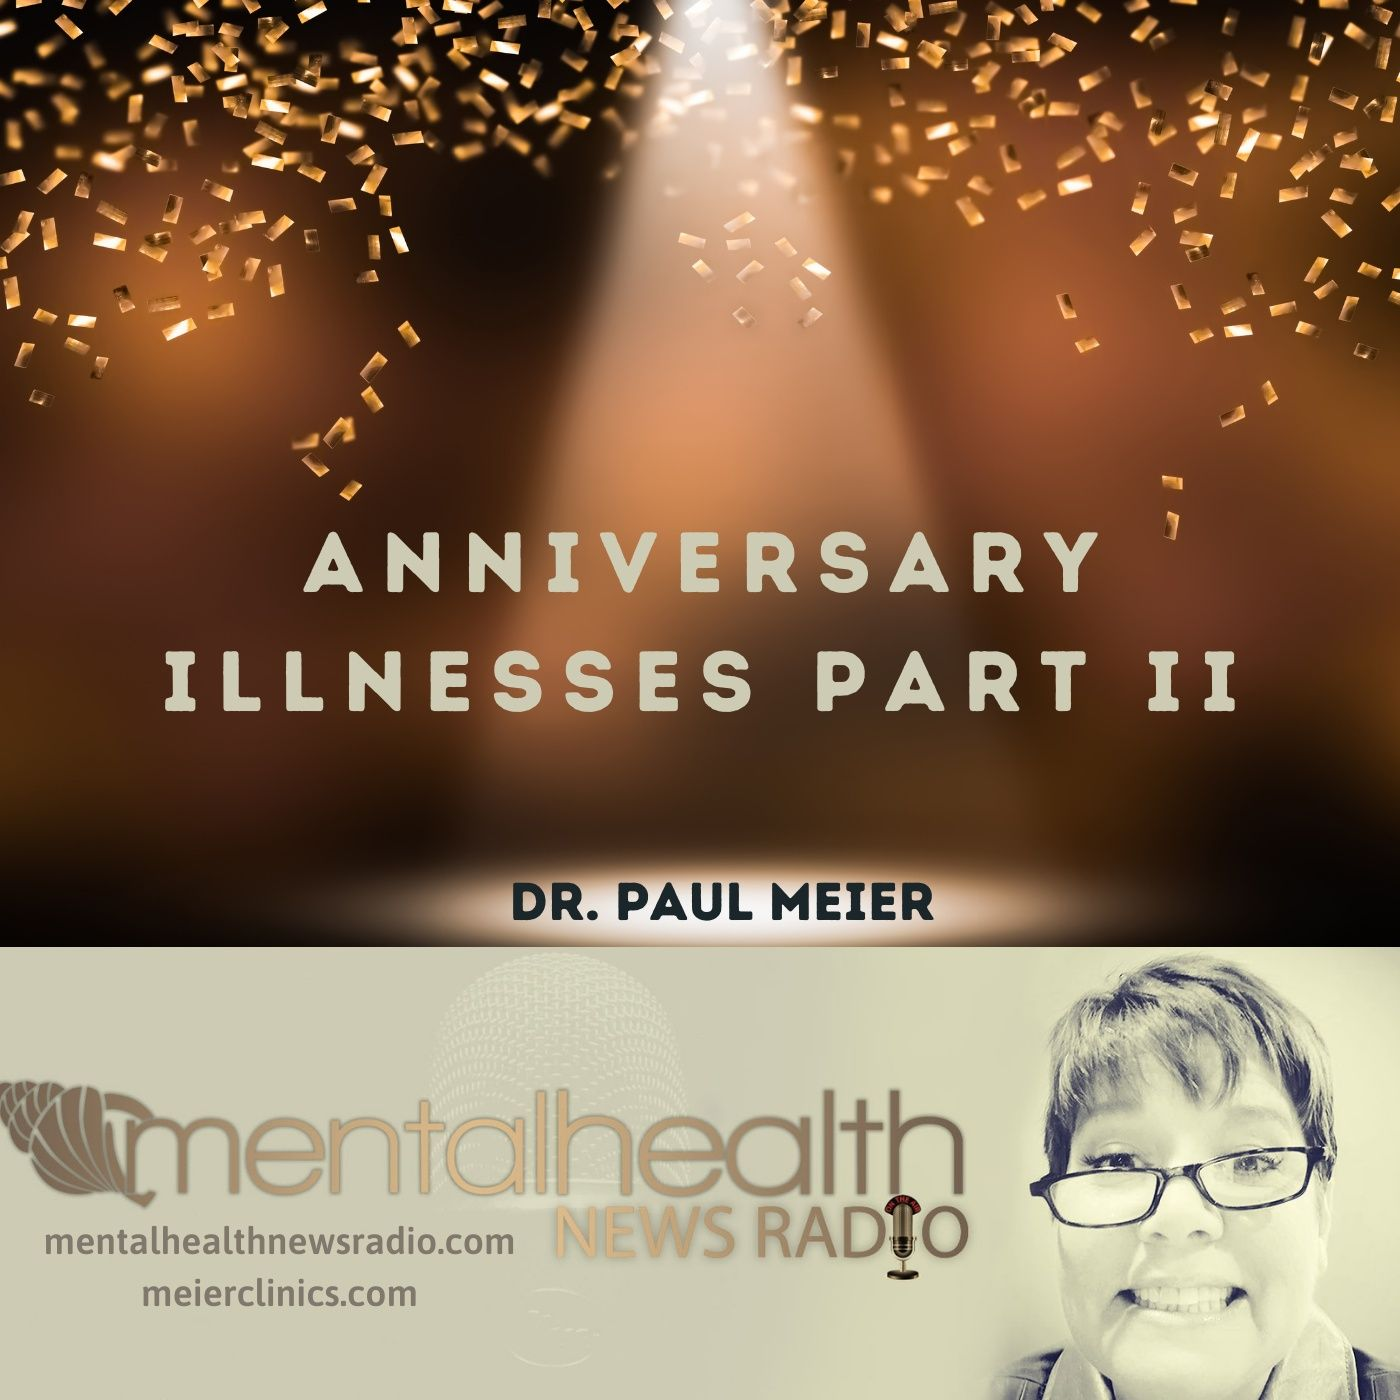 Mental Health News Radio - Dr. Paul Meier: Anniversary Illnesses Part II